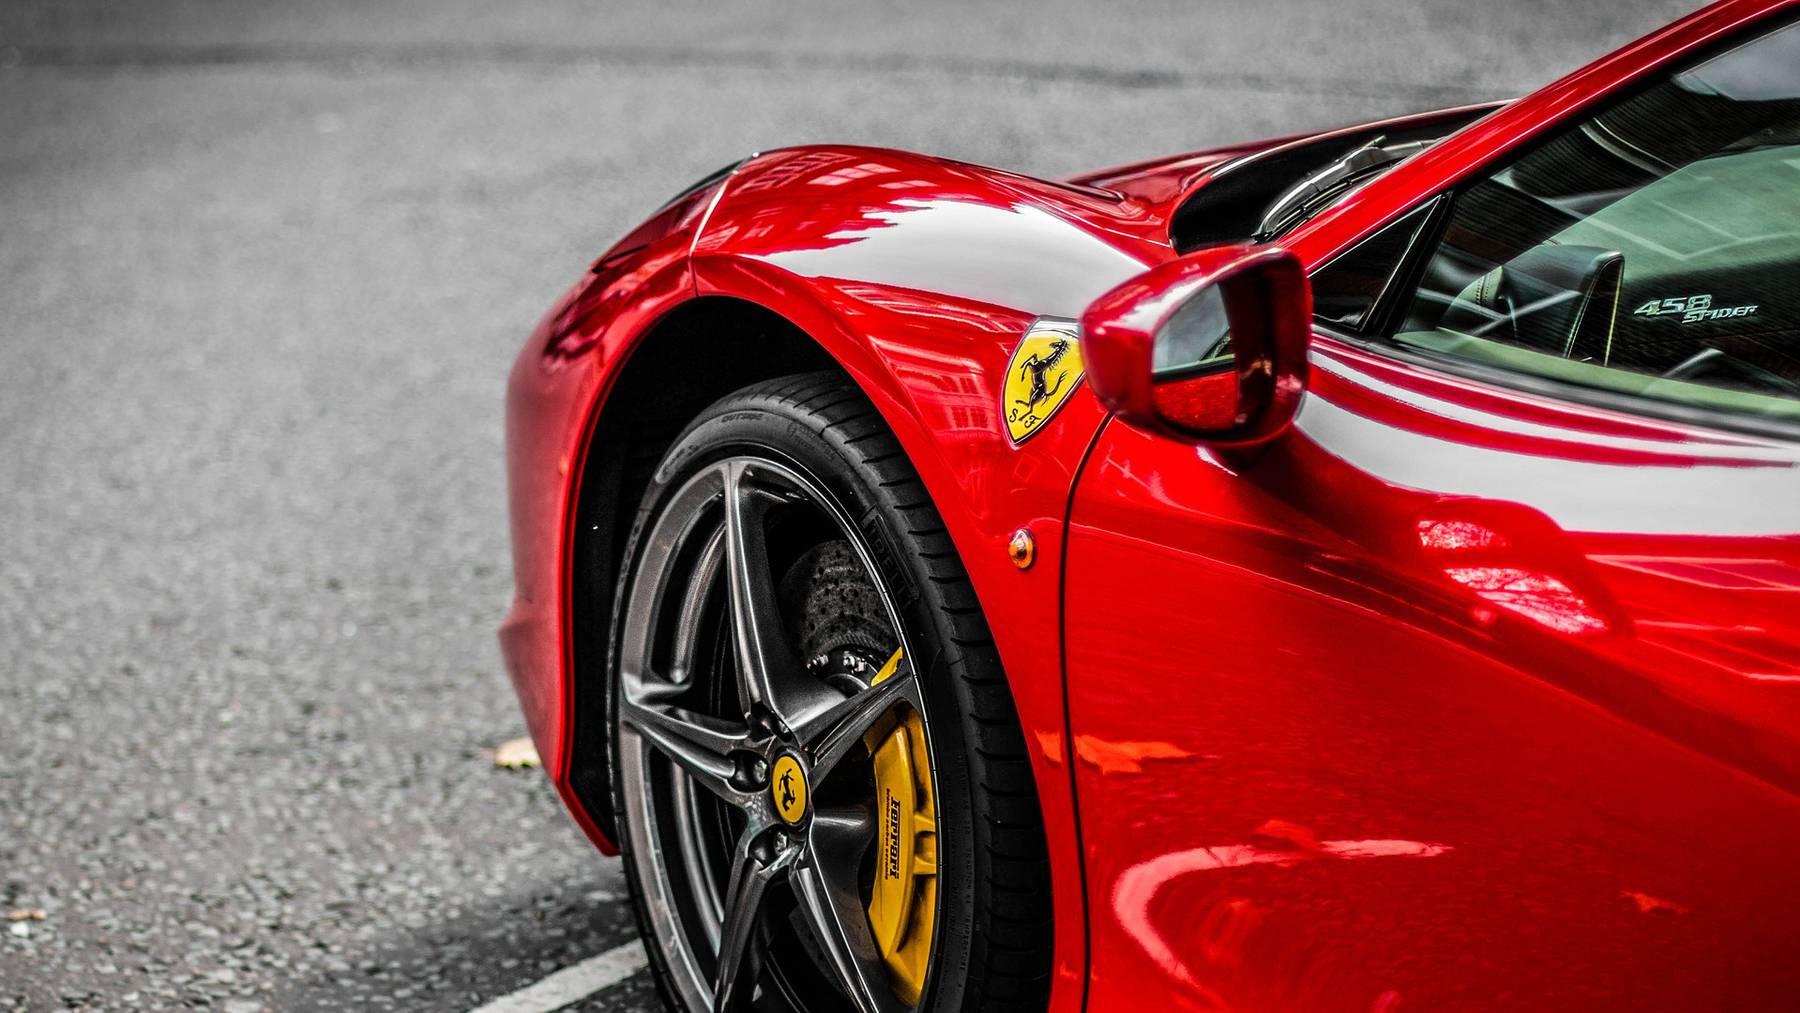 Ferrari Luxusauto karosse